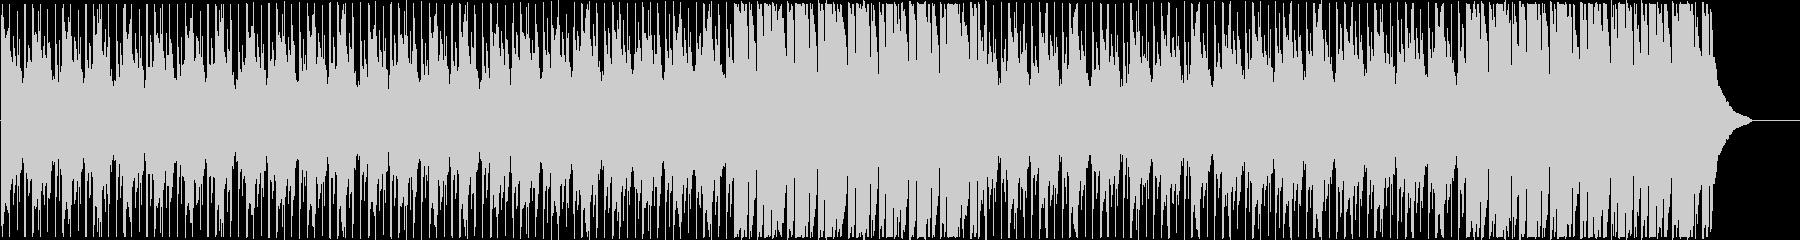 企業VPに ピアノメインの未再生の波形